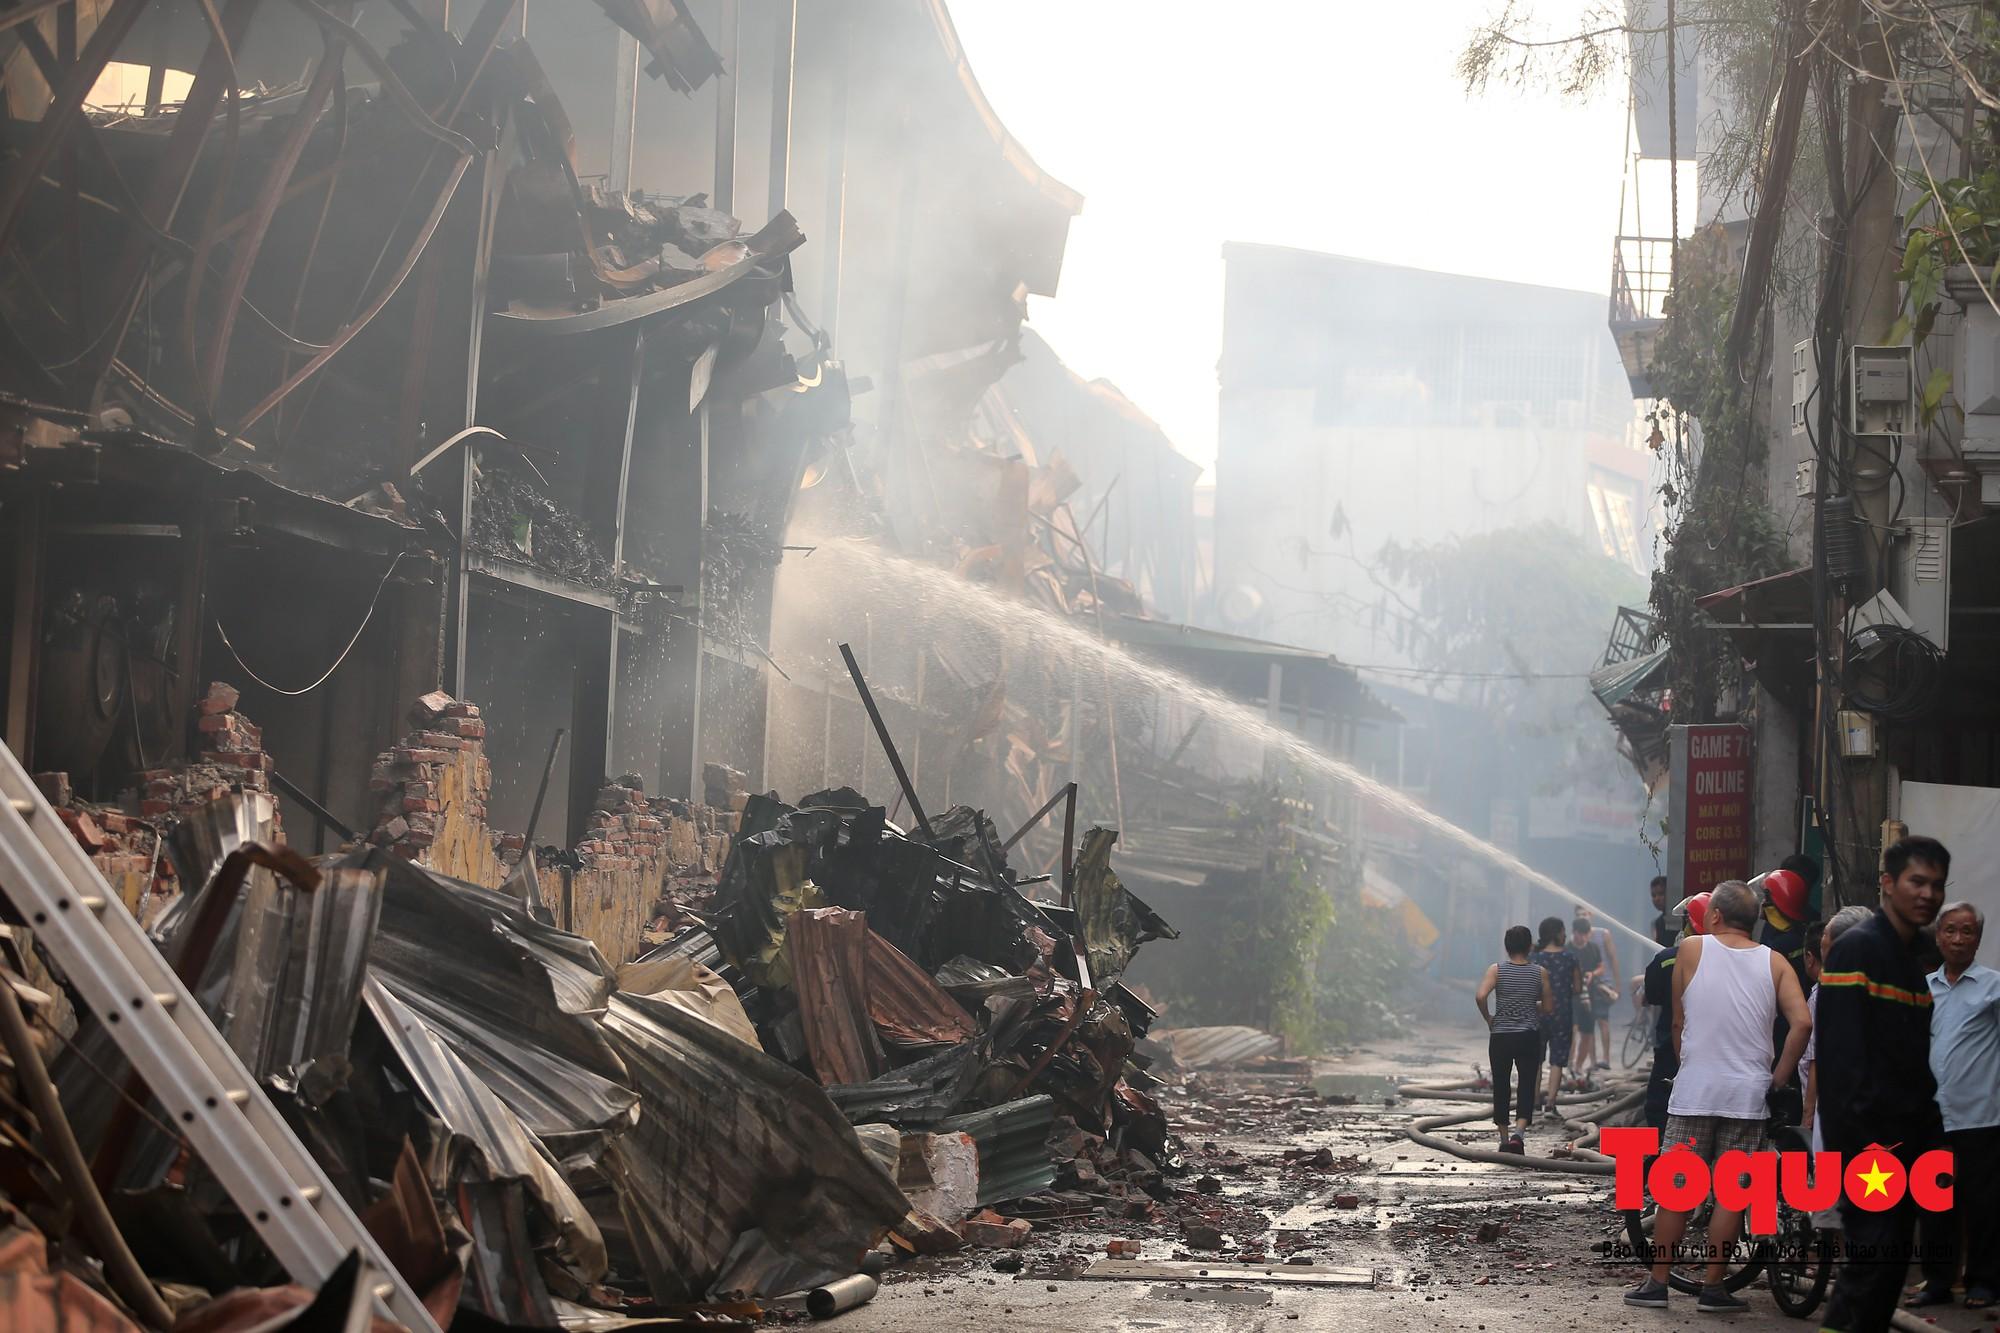 Hiện trường tan hoang vụ cháy Công ty bóng đèn phích nước Rạng Động, hàng trăm chiến sĩ PCCC xuyên đâm dập lửa16